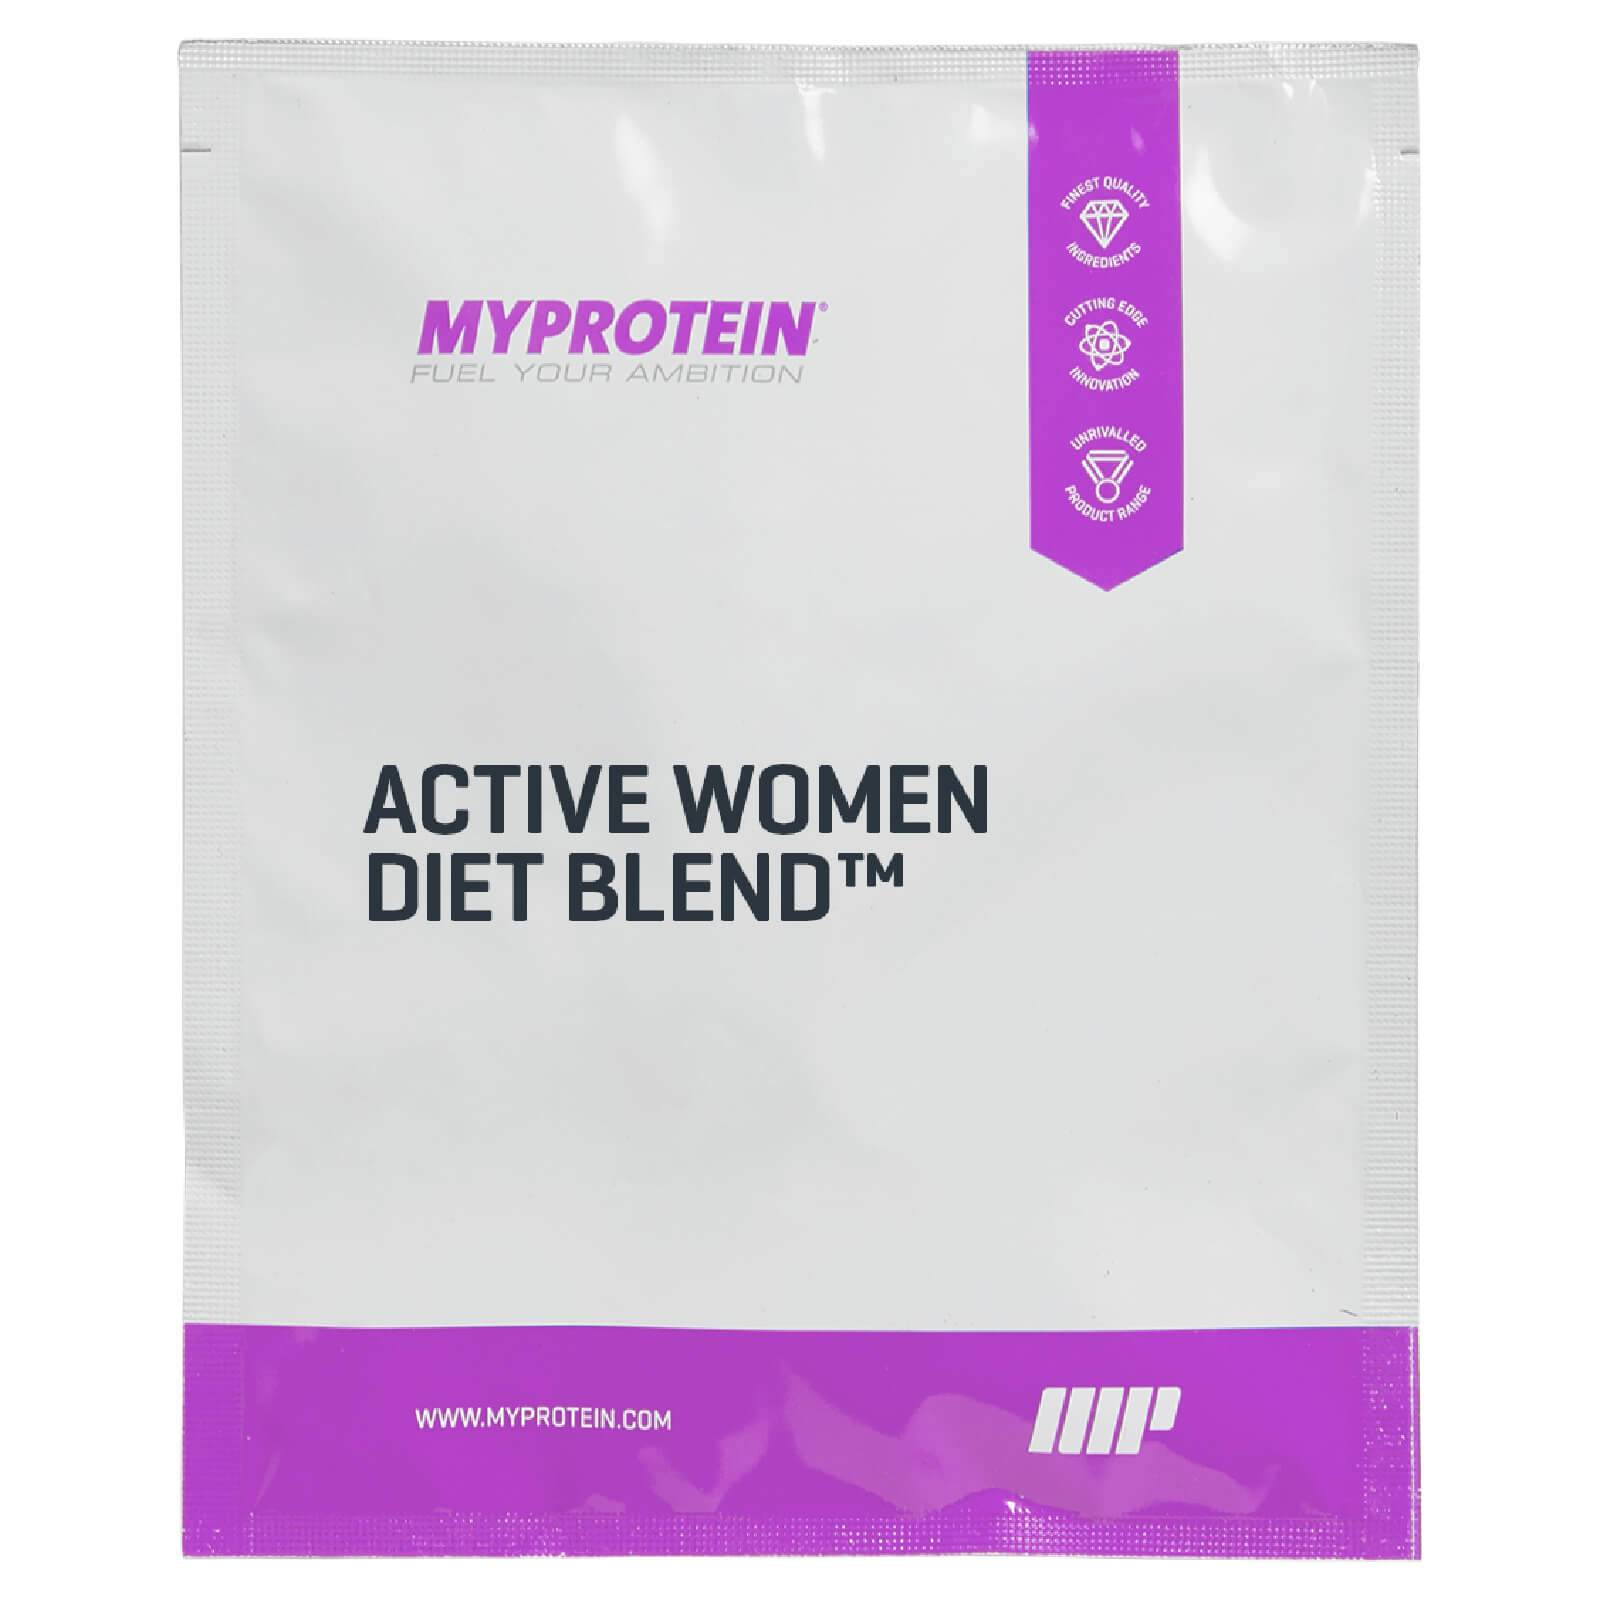 Myprotein Diet Protein-sekoitus (näyte) - 25g - Chocolate Fudge Brownie